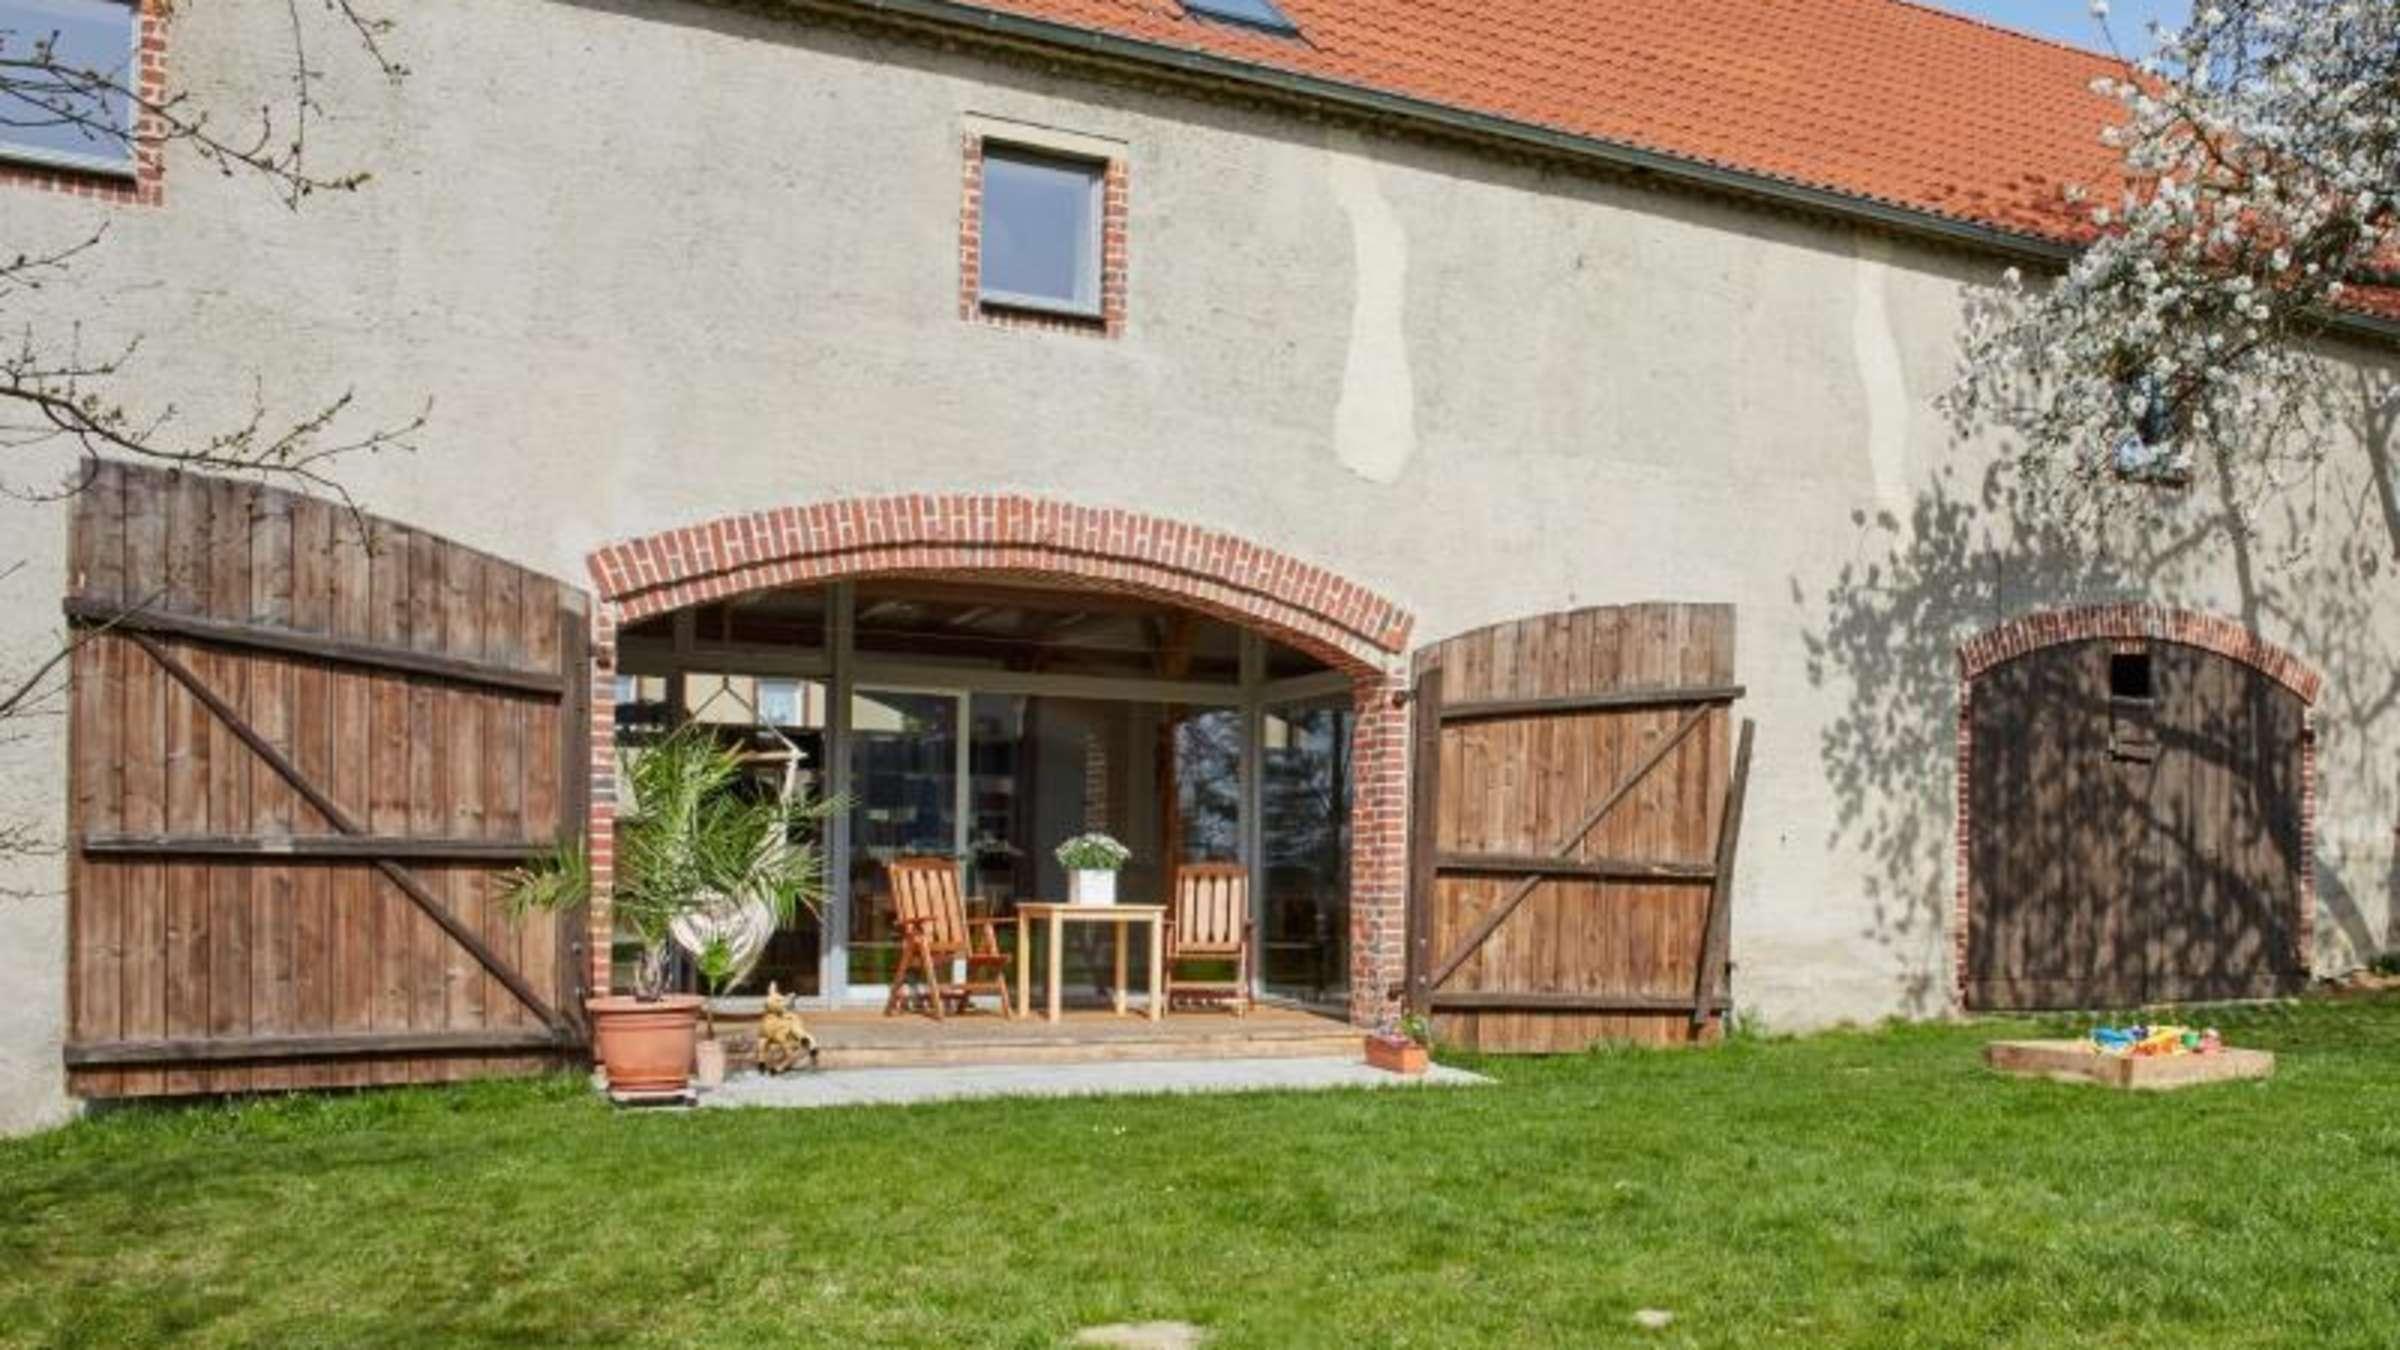 So geht's Architekten für Scheunen Umbau finden   Wohnen